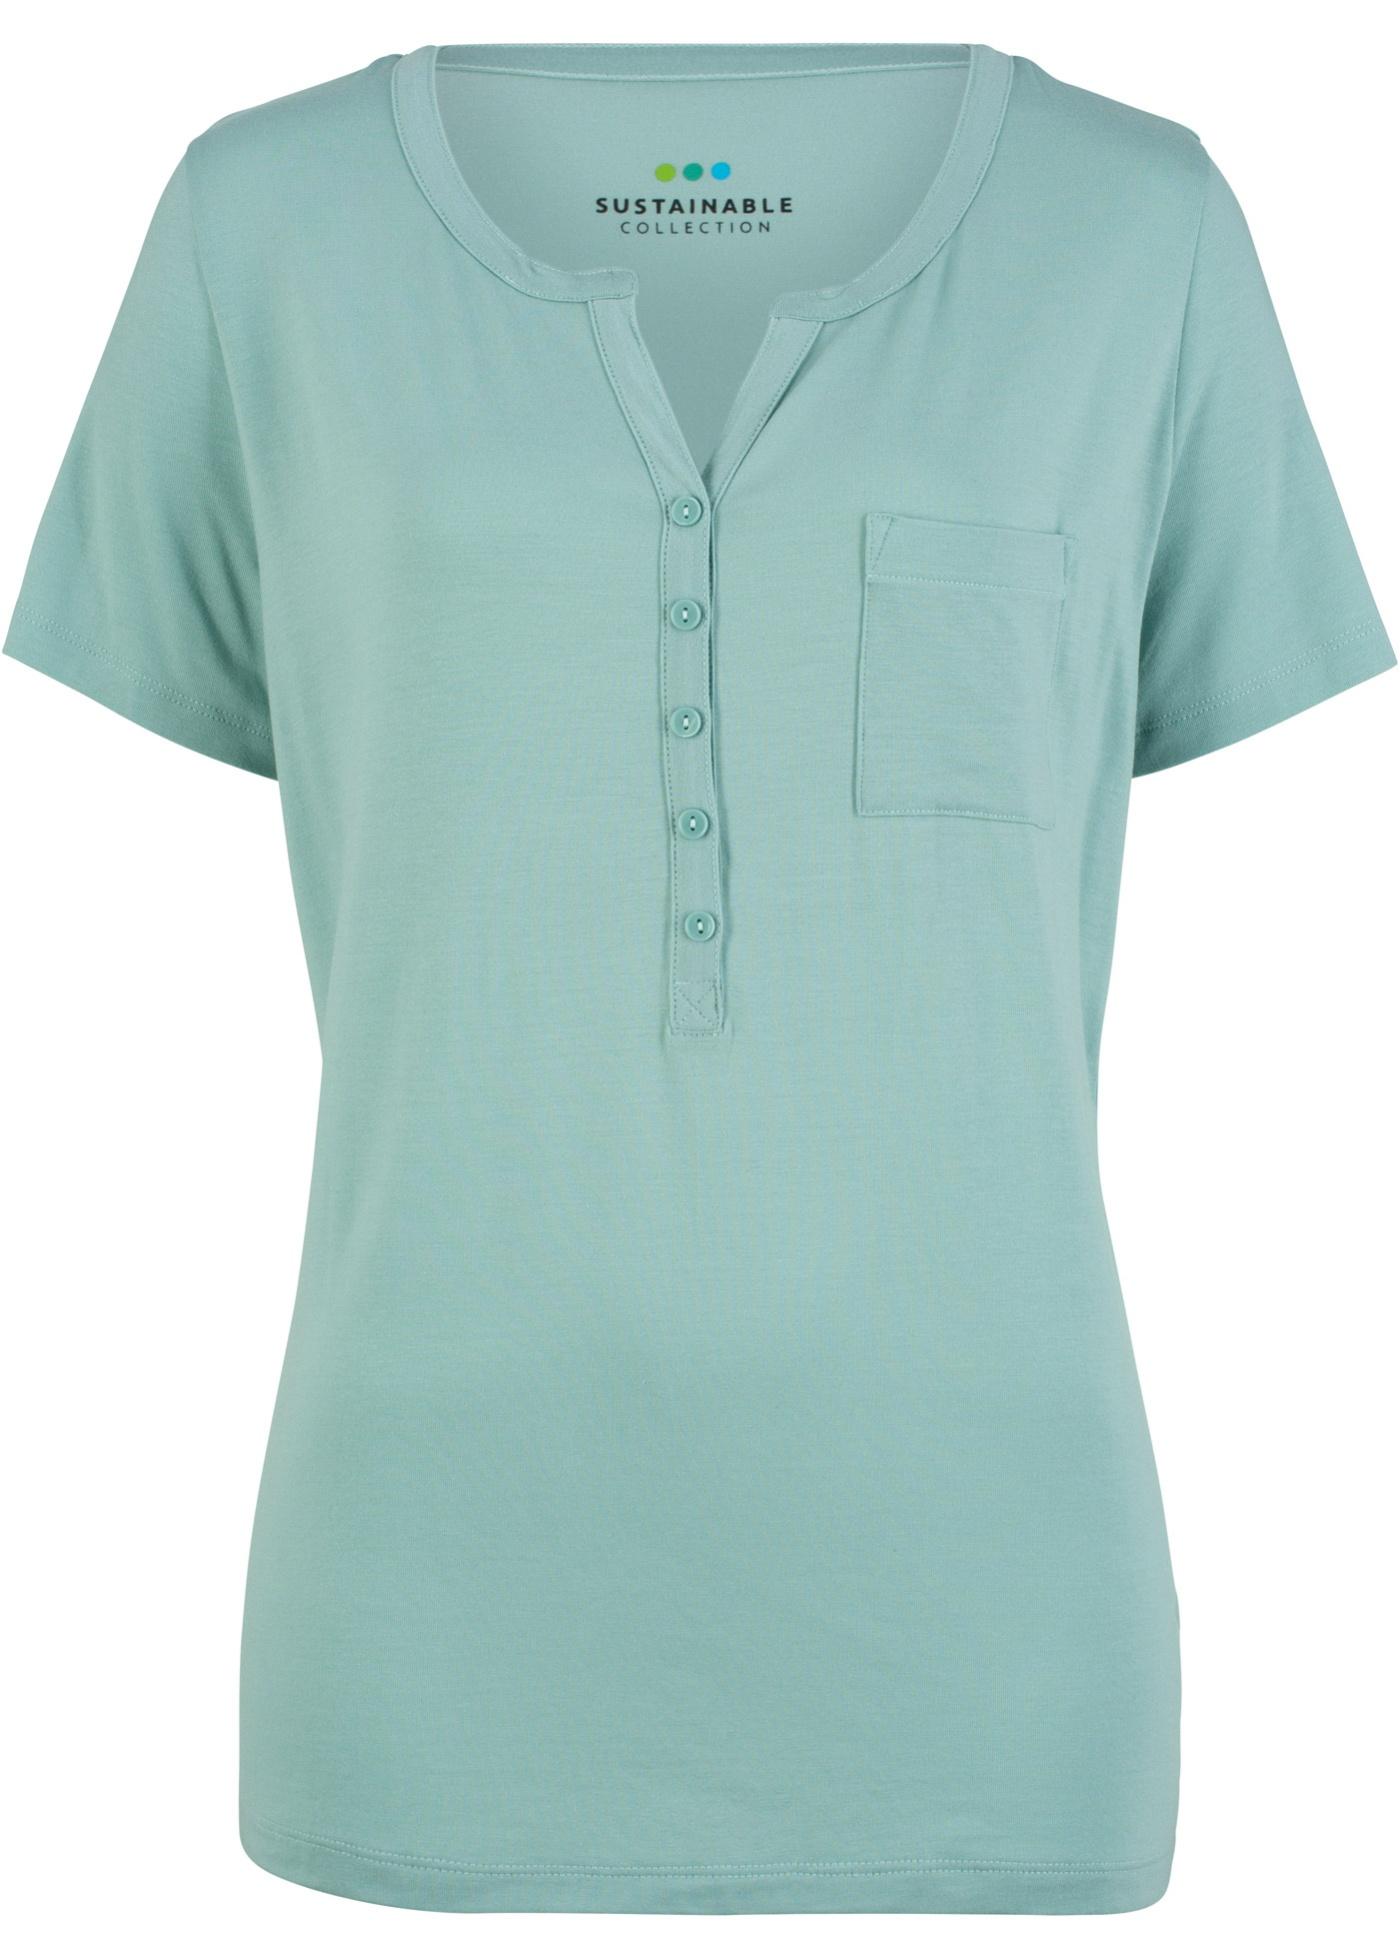 Éco Blouse Lyocell Bpc Femme Courtes CollectionT Vert En Pour shirt responsable Bonprix Manches 4RjLA5